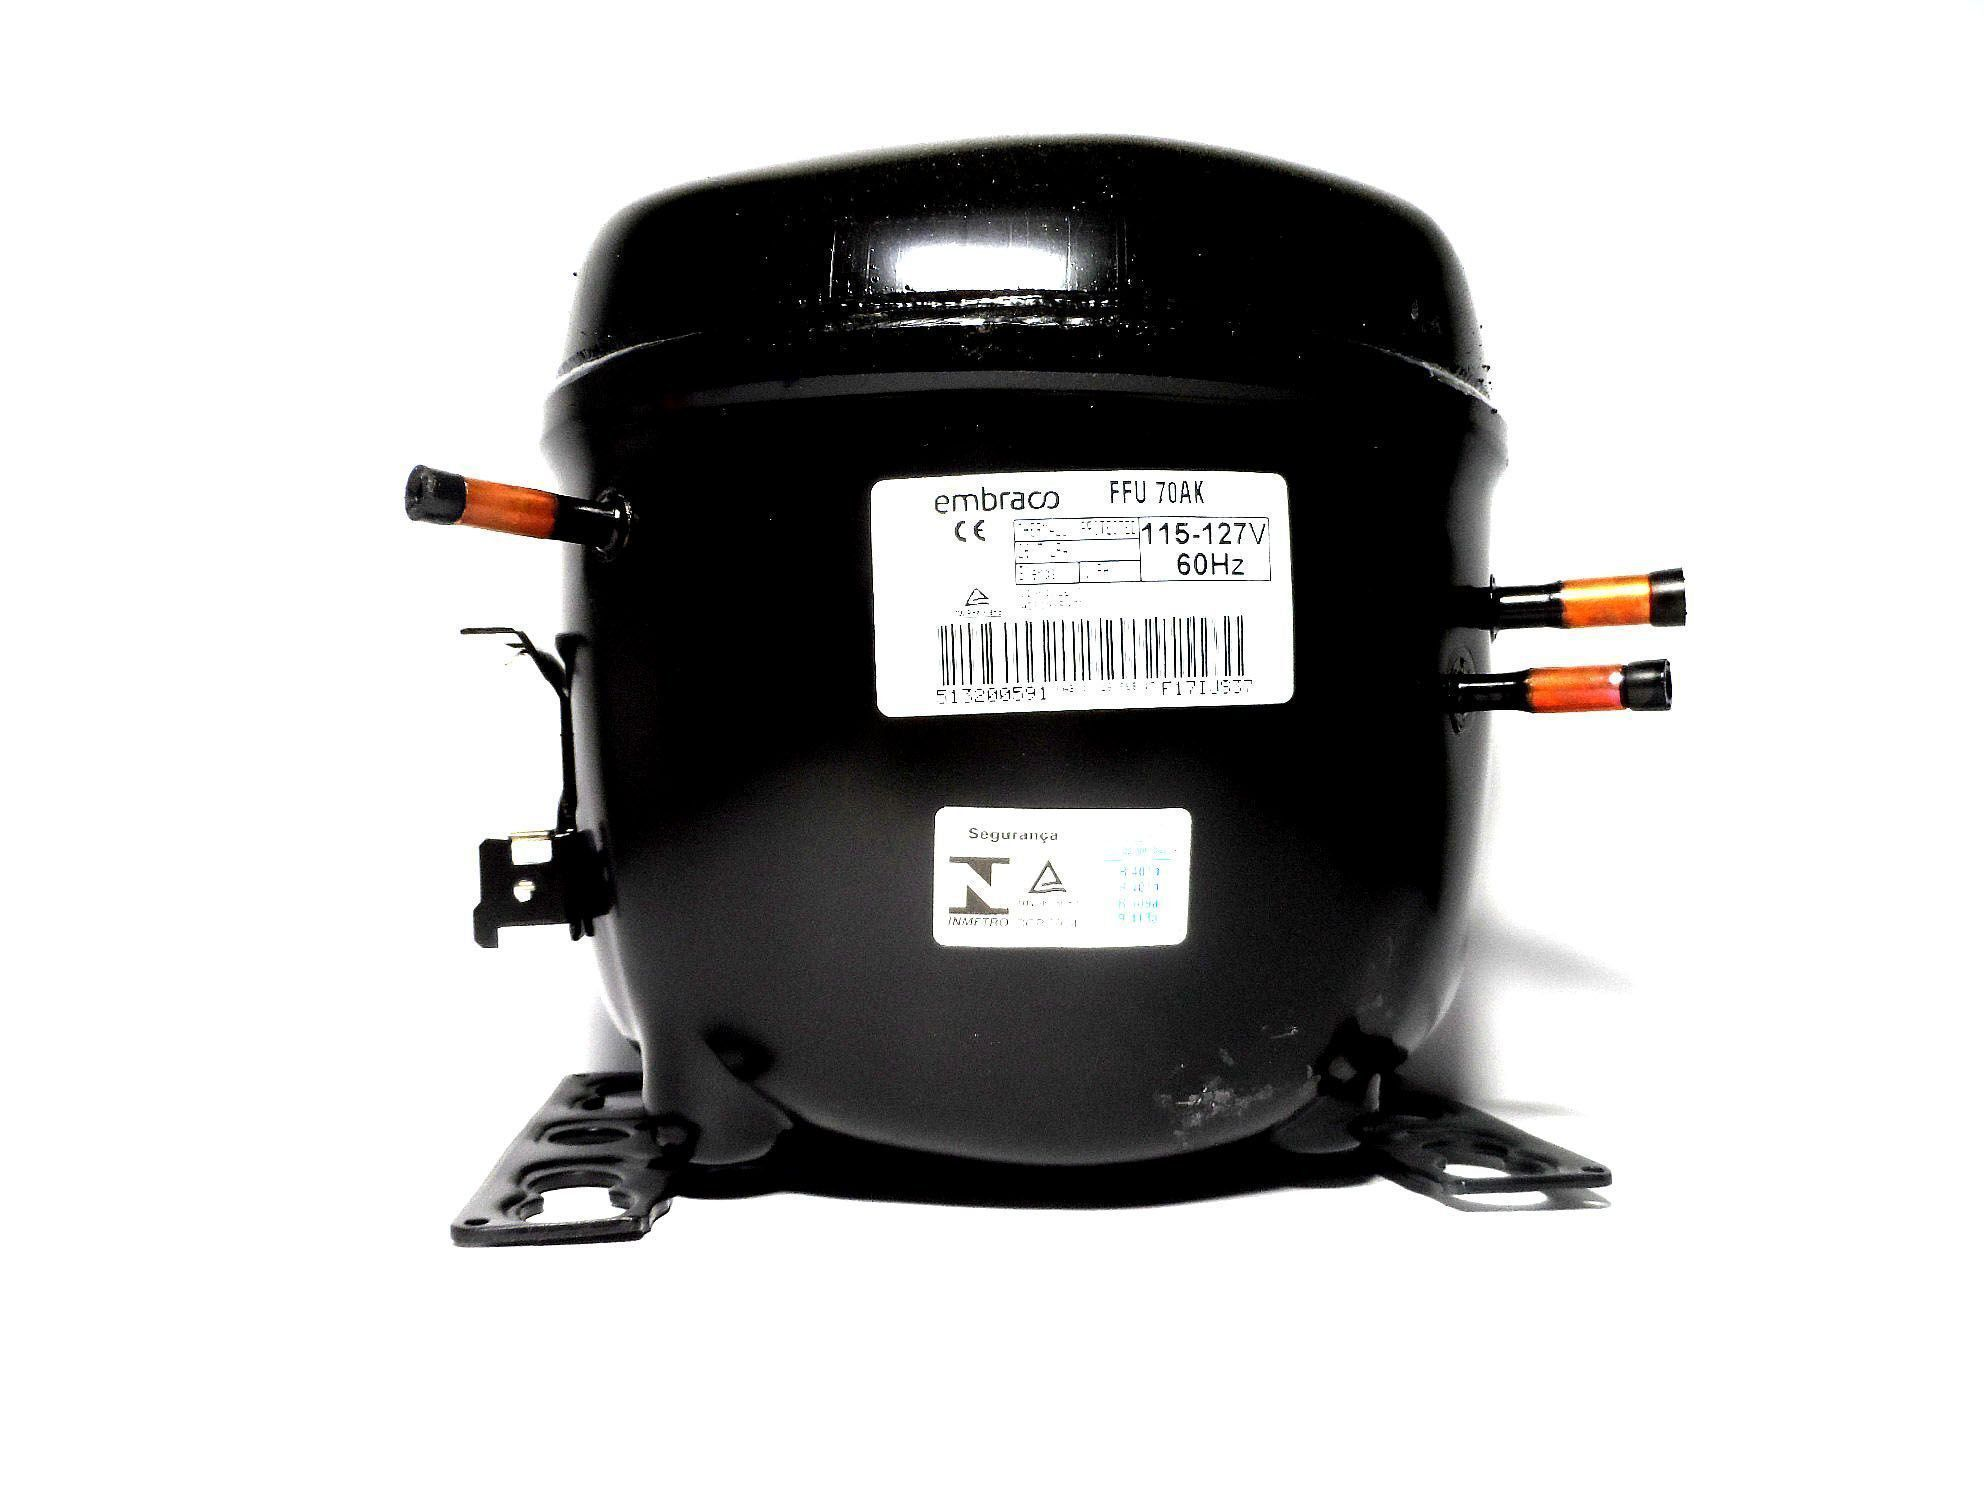 Motor Compressor Embraco 1/5+ 220V R134A Geladeira EGAS70HLR W10393847